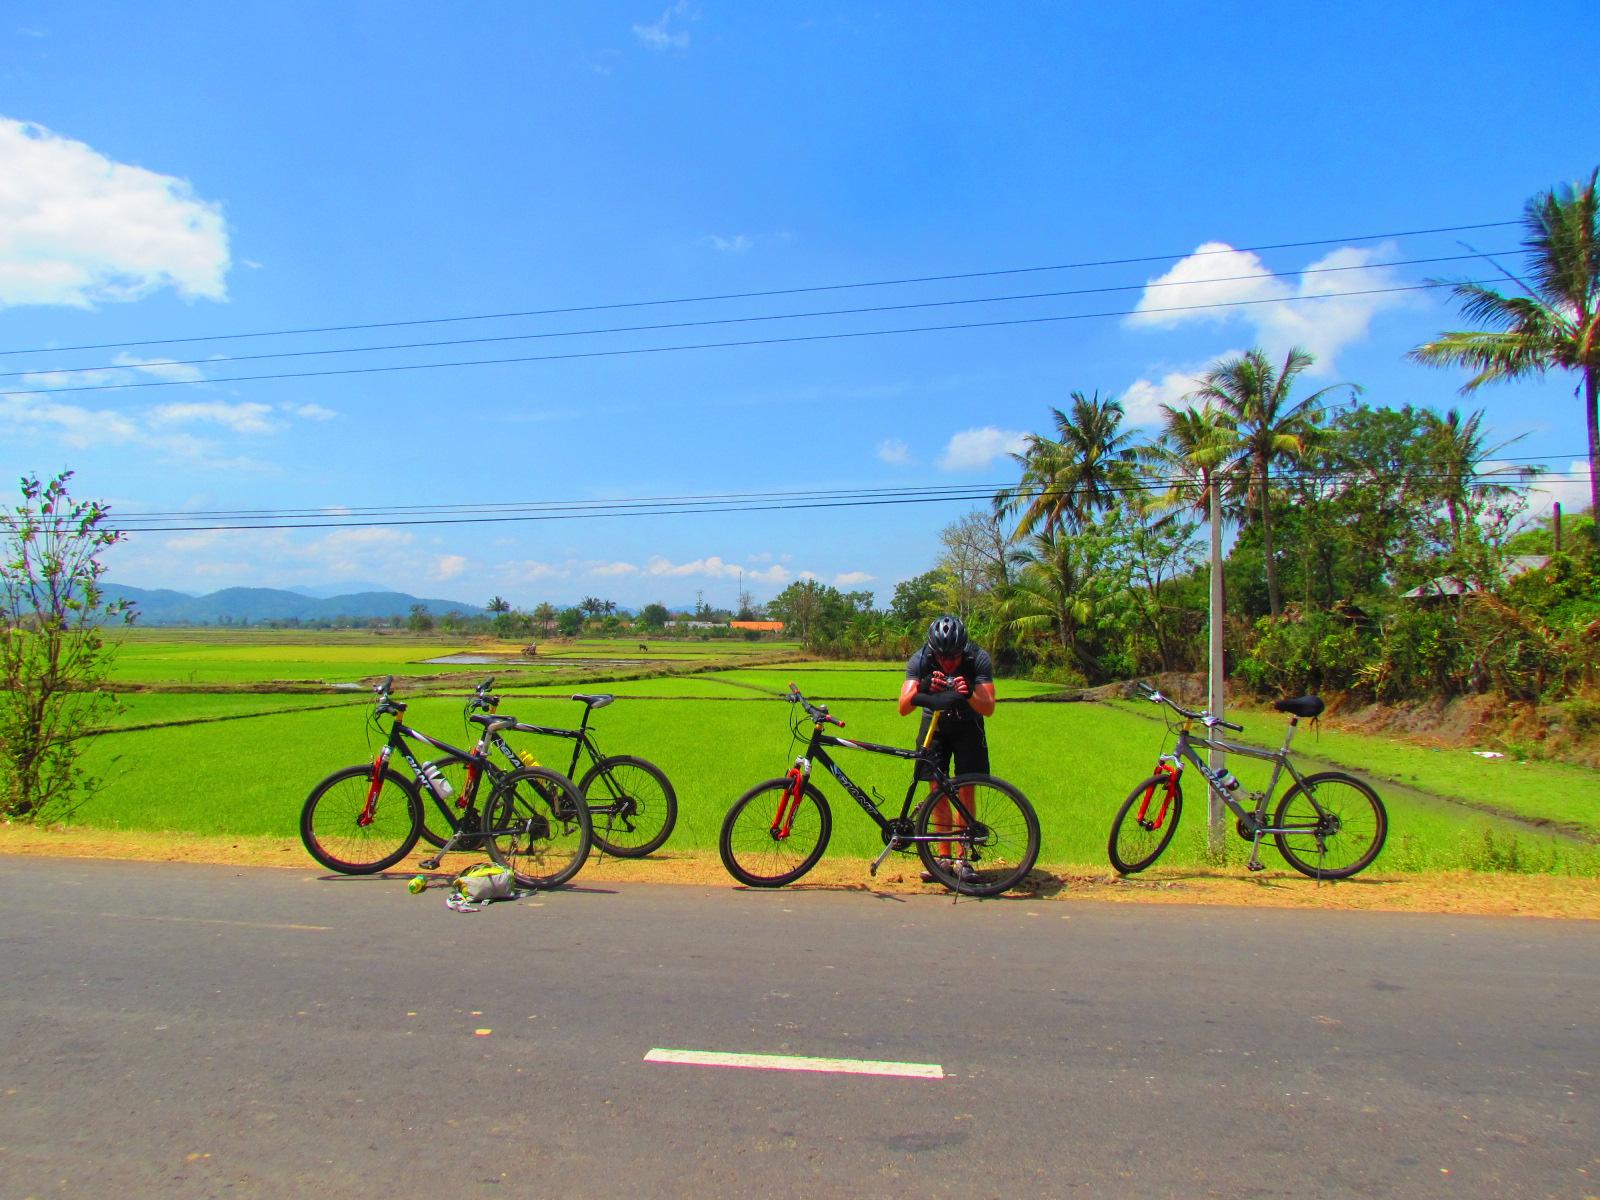 Le deuxième jour à Nha Trang